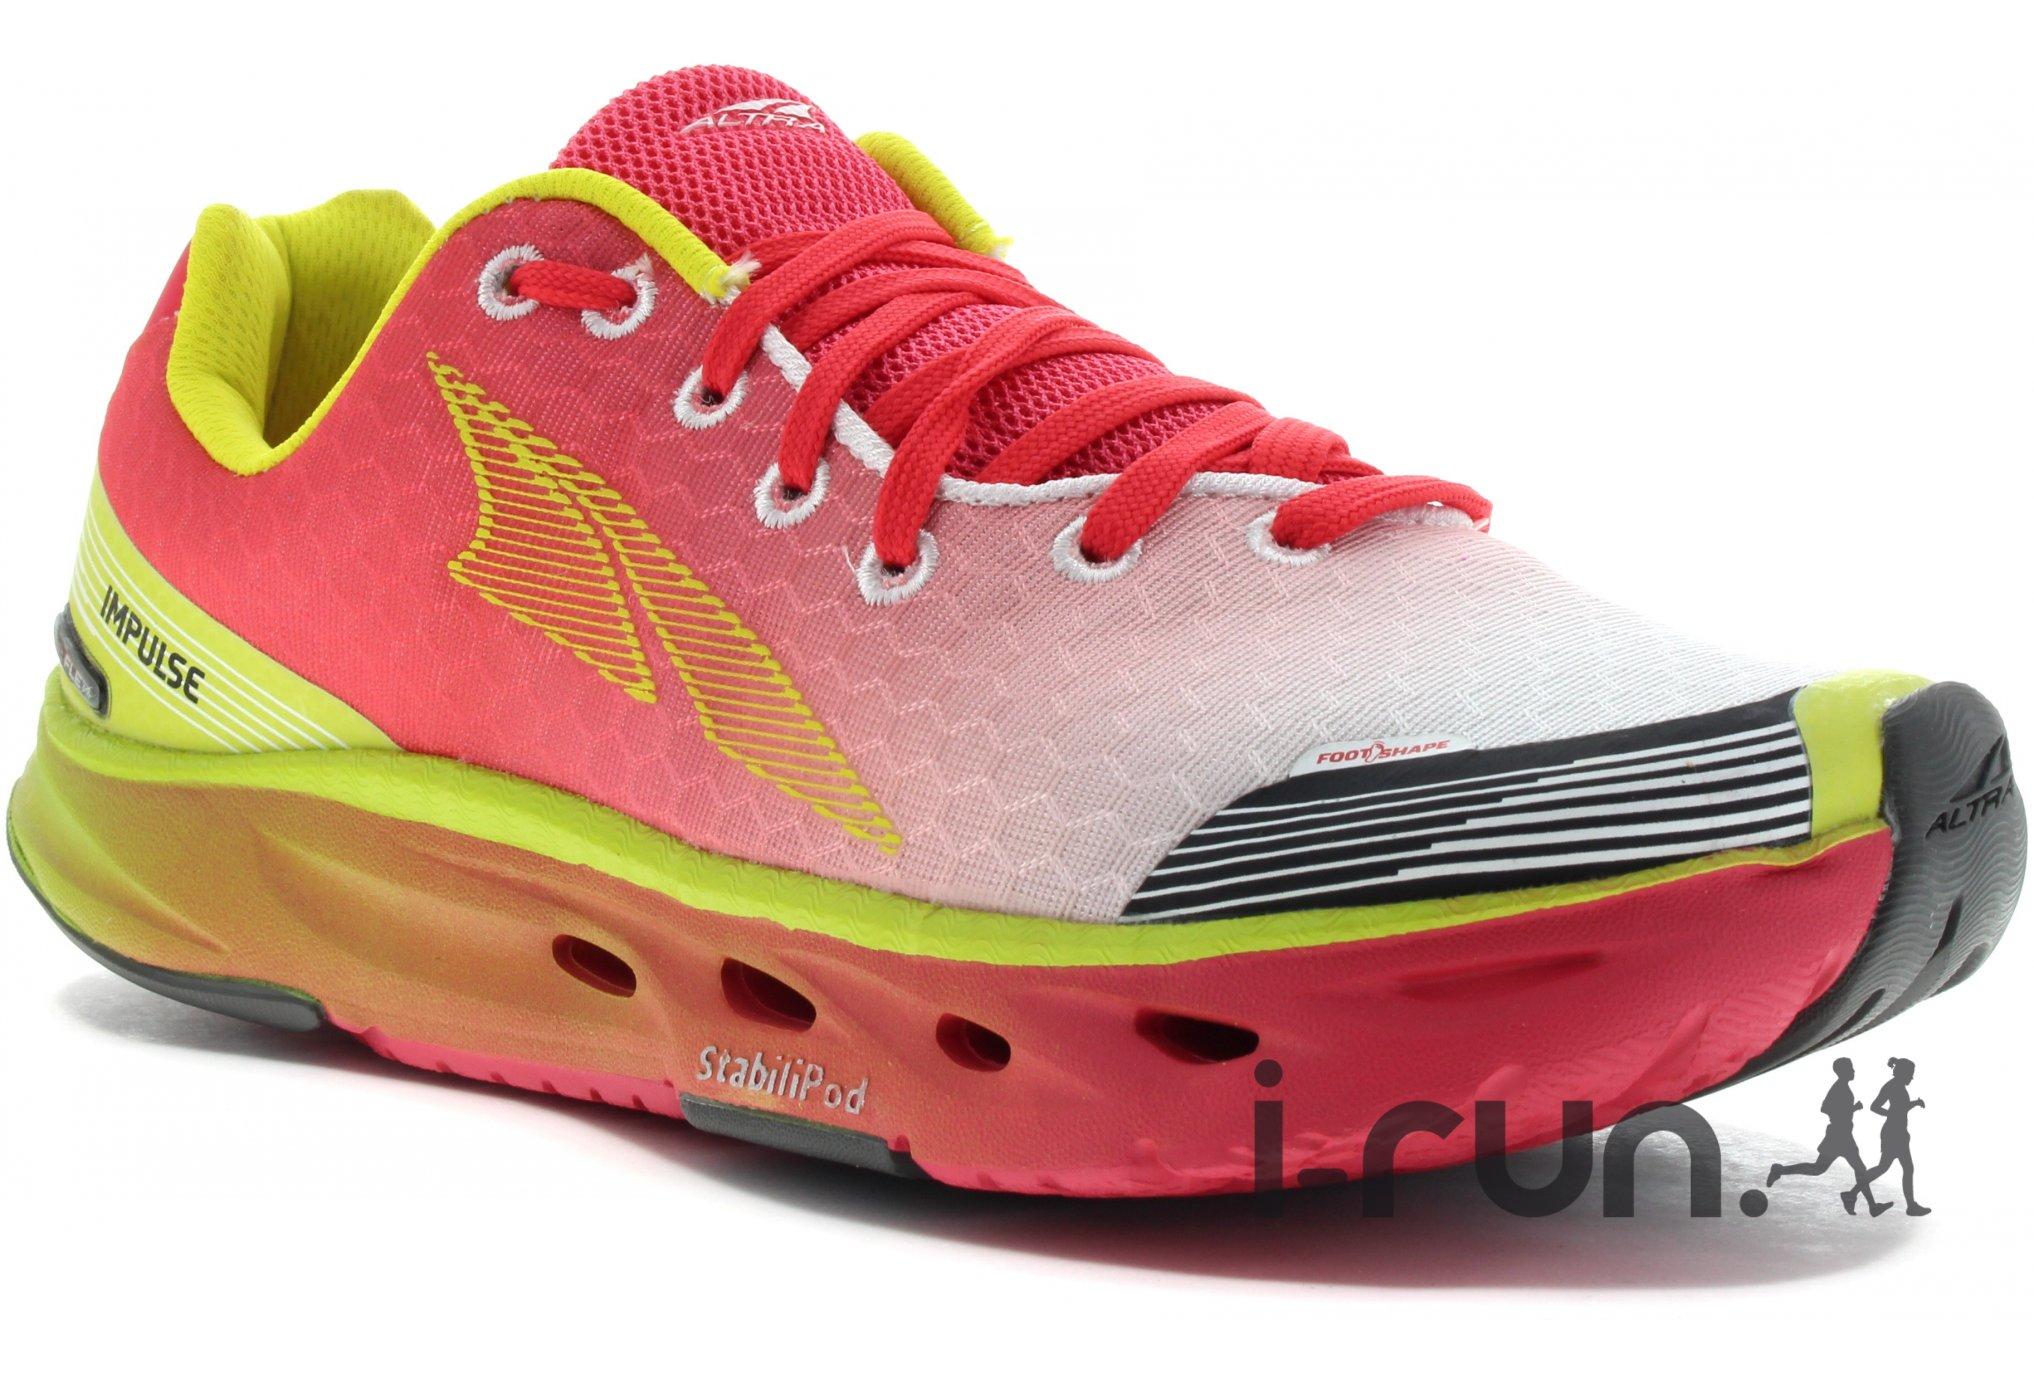 Altra Impulse W Diététique Chaussures femme